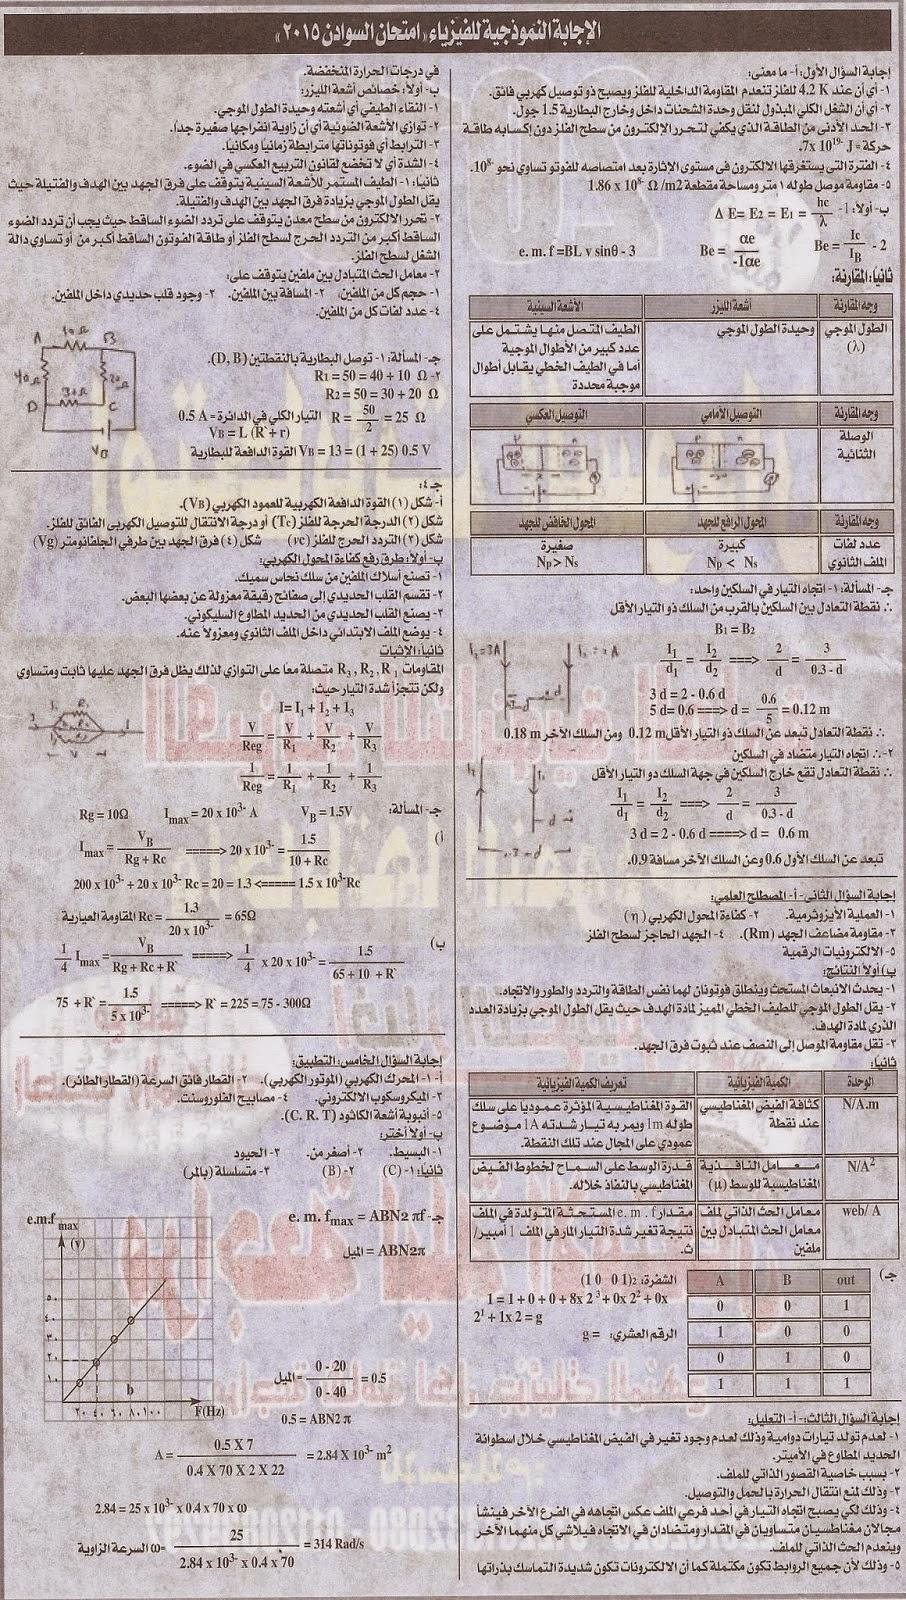 نموذج الوزارة الرسمى أسئلة واجابة امتحان فيزياء السودان2015 نظام حديث Www.modars1.com_1234567893